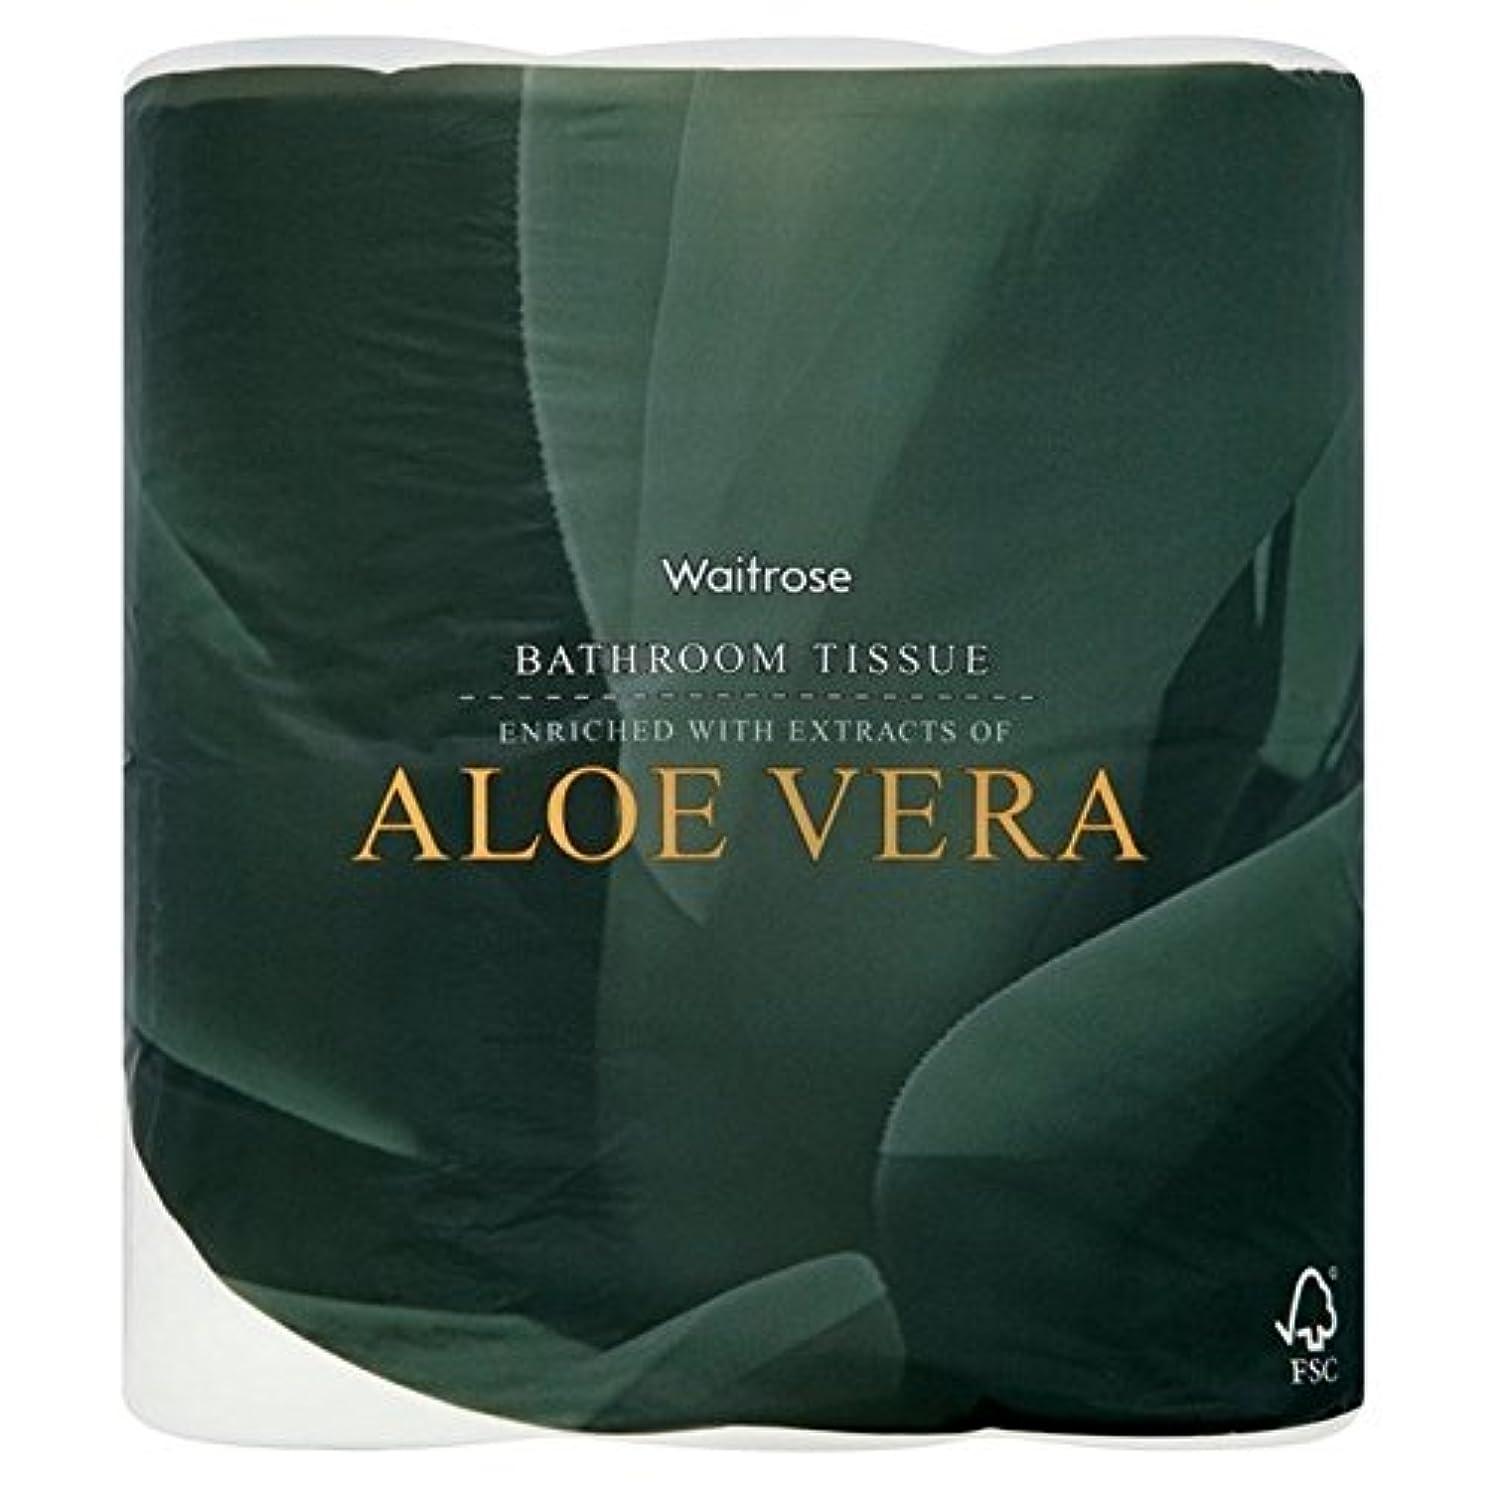 違反する実業家以内にパックあたりアロエベラ浴室組織白ウェイトローズ4 x2 - Aloe Vera Bathroom Tissue White Waitrose 4 per pack (Pack of 2) [並行輸入品]